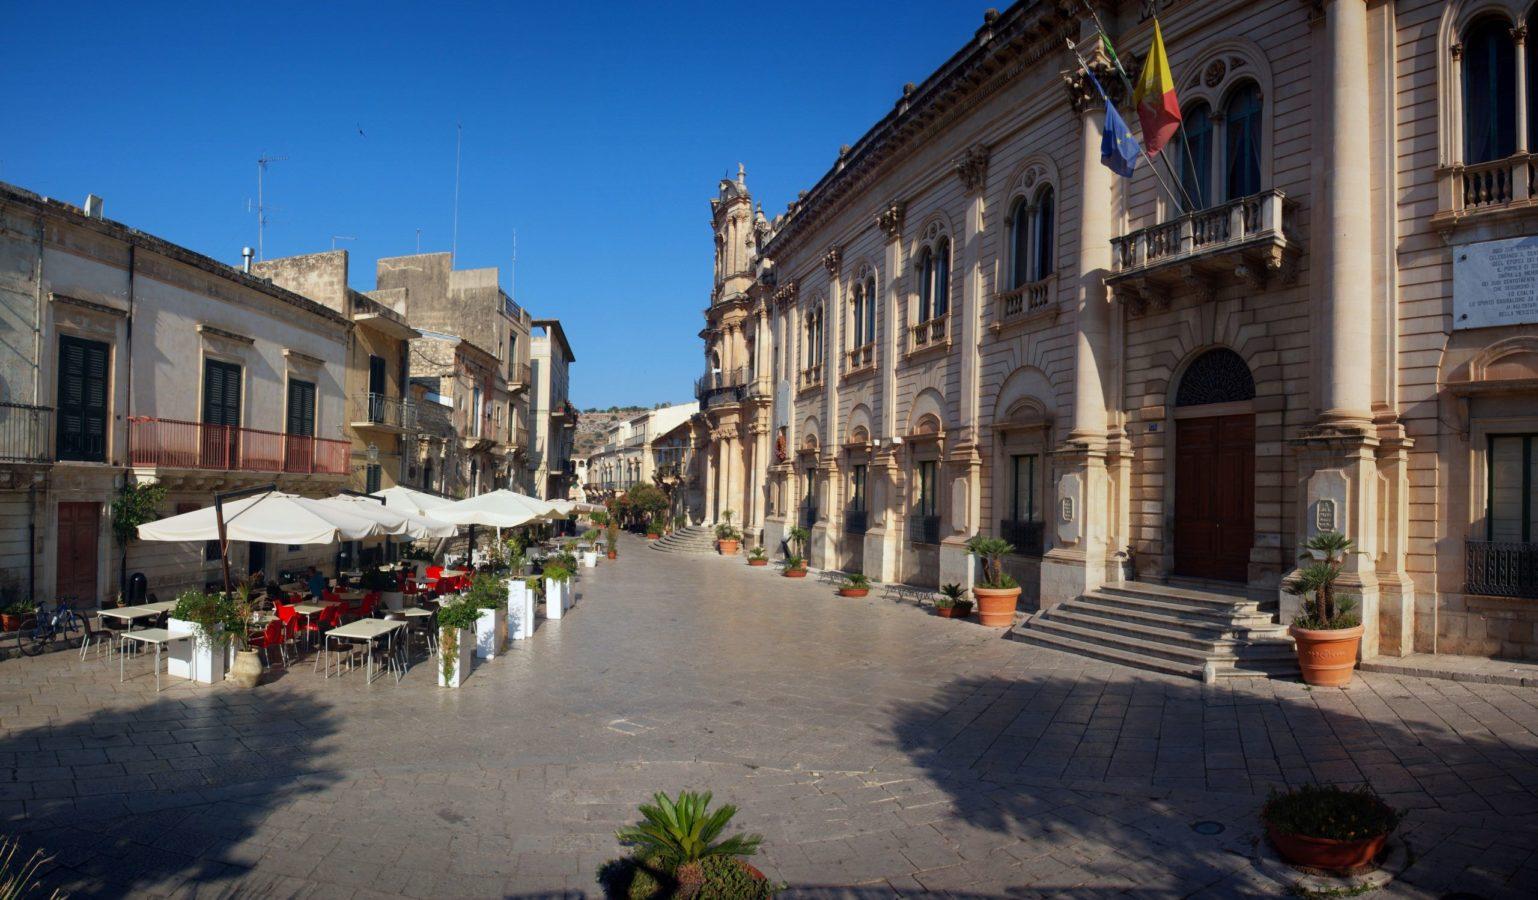 Capitale italiana della cultura, Scicli oltre Montalbano: «Rappresentiamo il Val di Noto in perpetuo divenire»